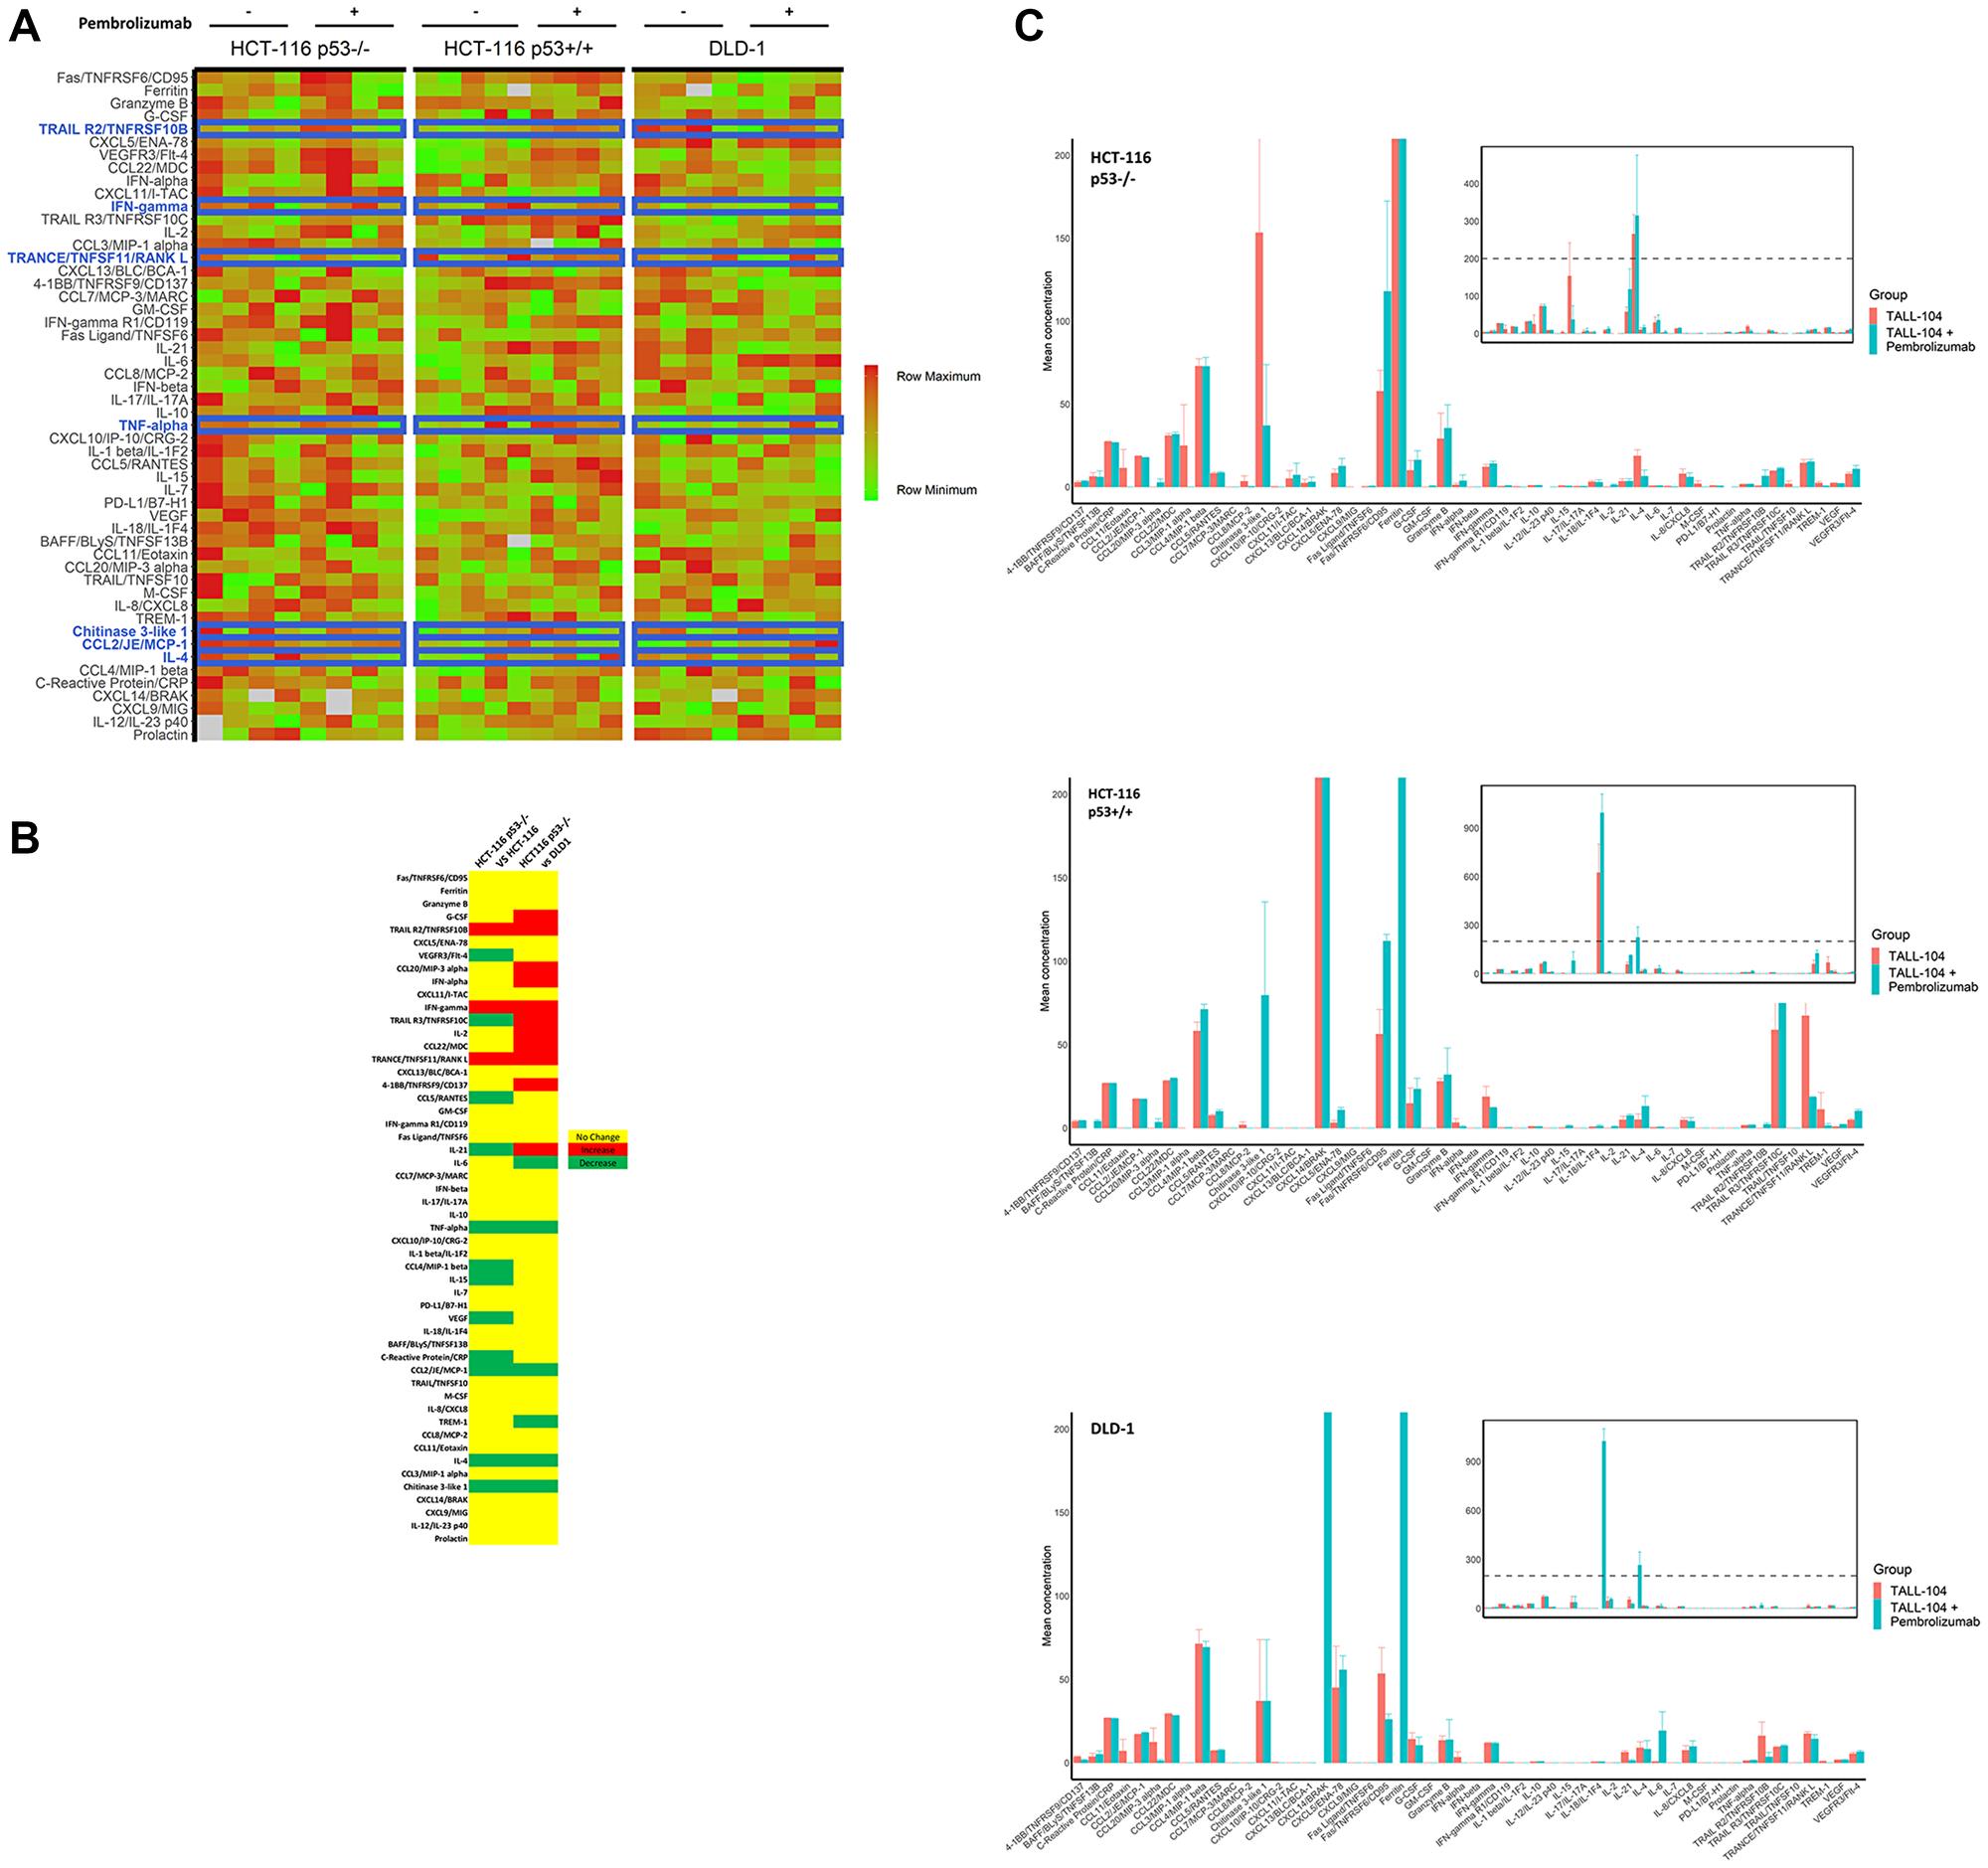 Cytokine profiling of peripheral blood in mice.